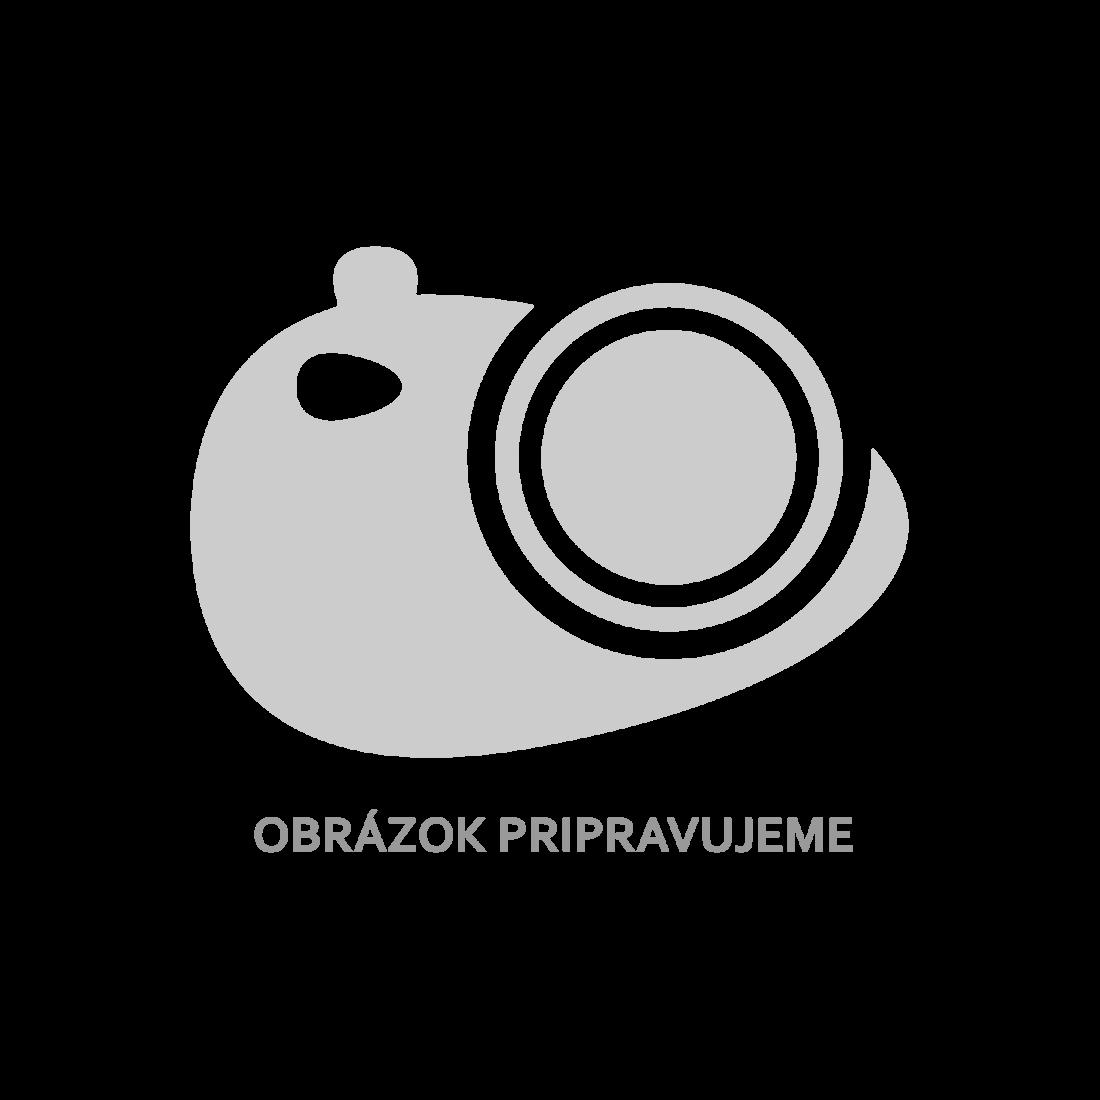 Obdĺžnikový písací stôl s potlačou mapy